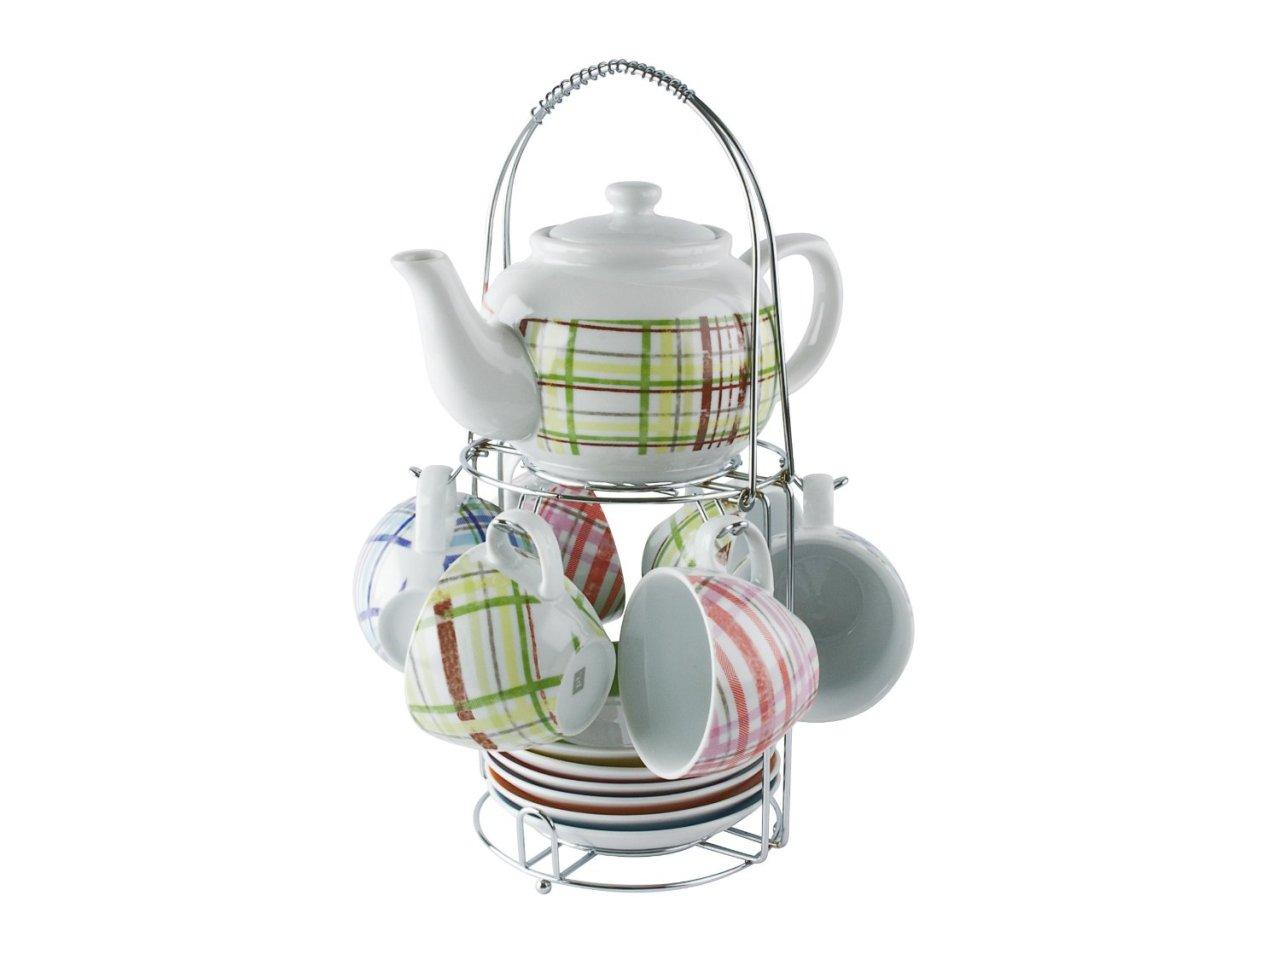 invitation à déguster un thé en image 42